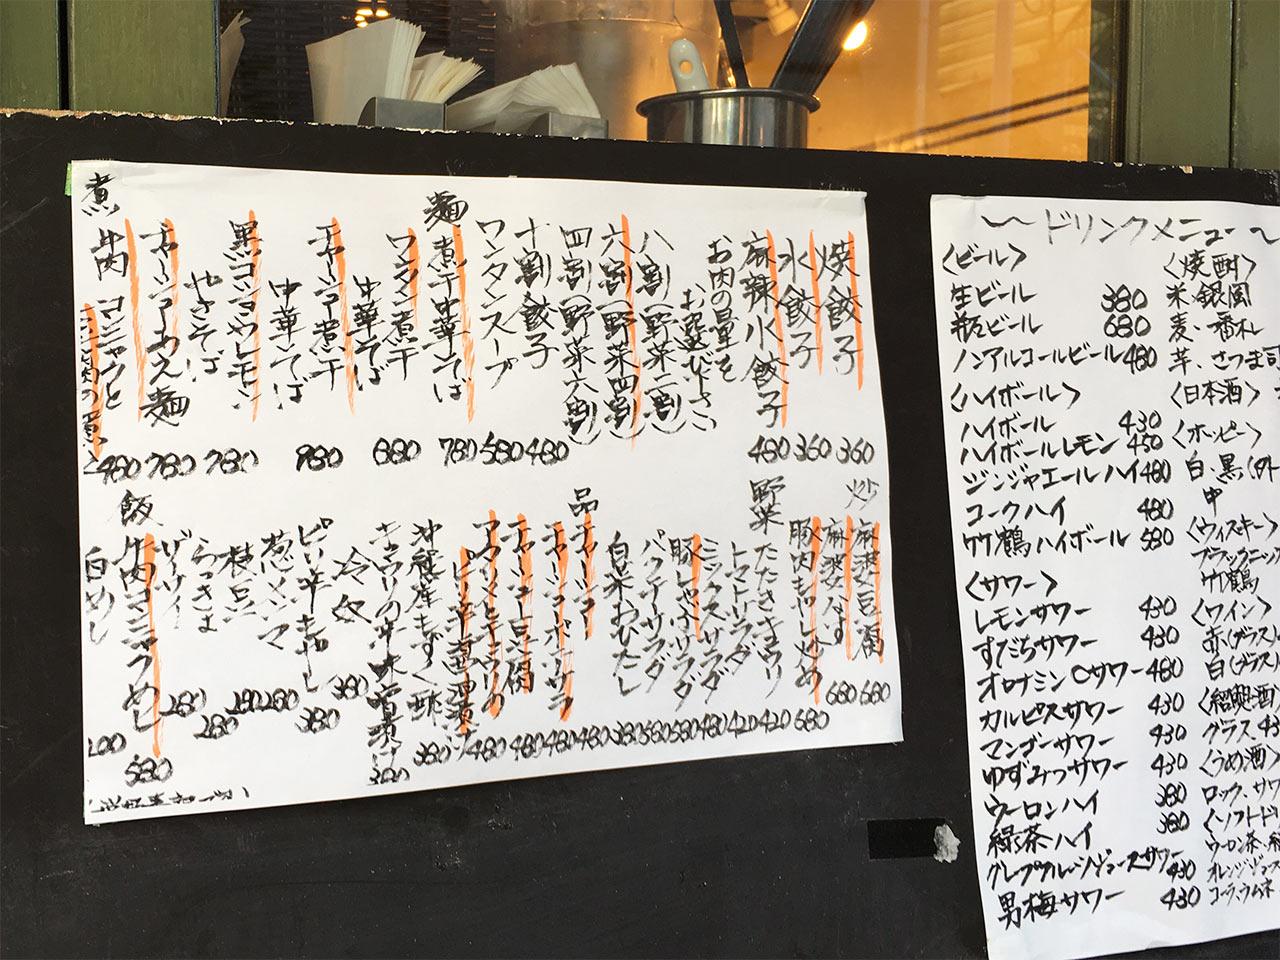 武蔵小山の餃子屋ふく肉のグランドメニュー